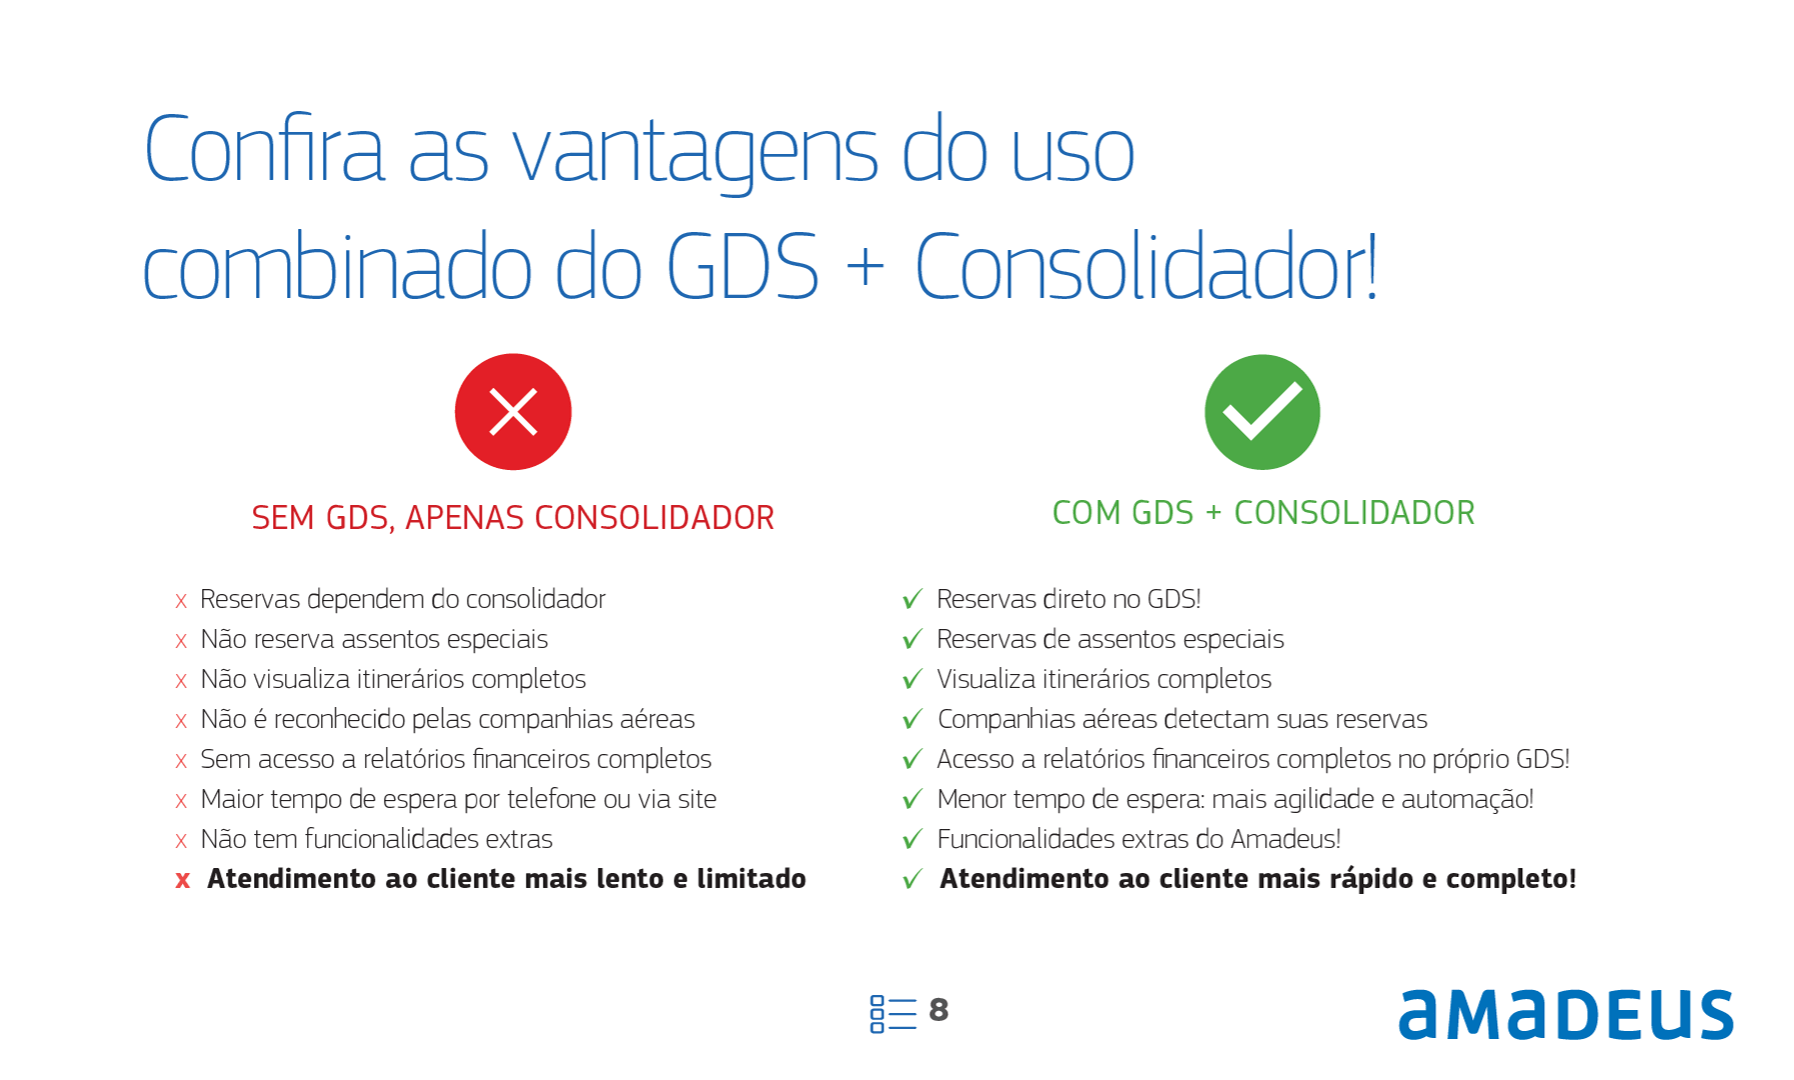 Ebook - Guia do GDS